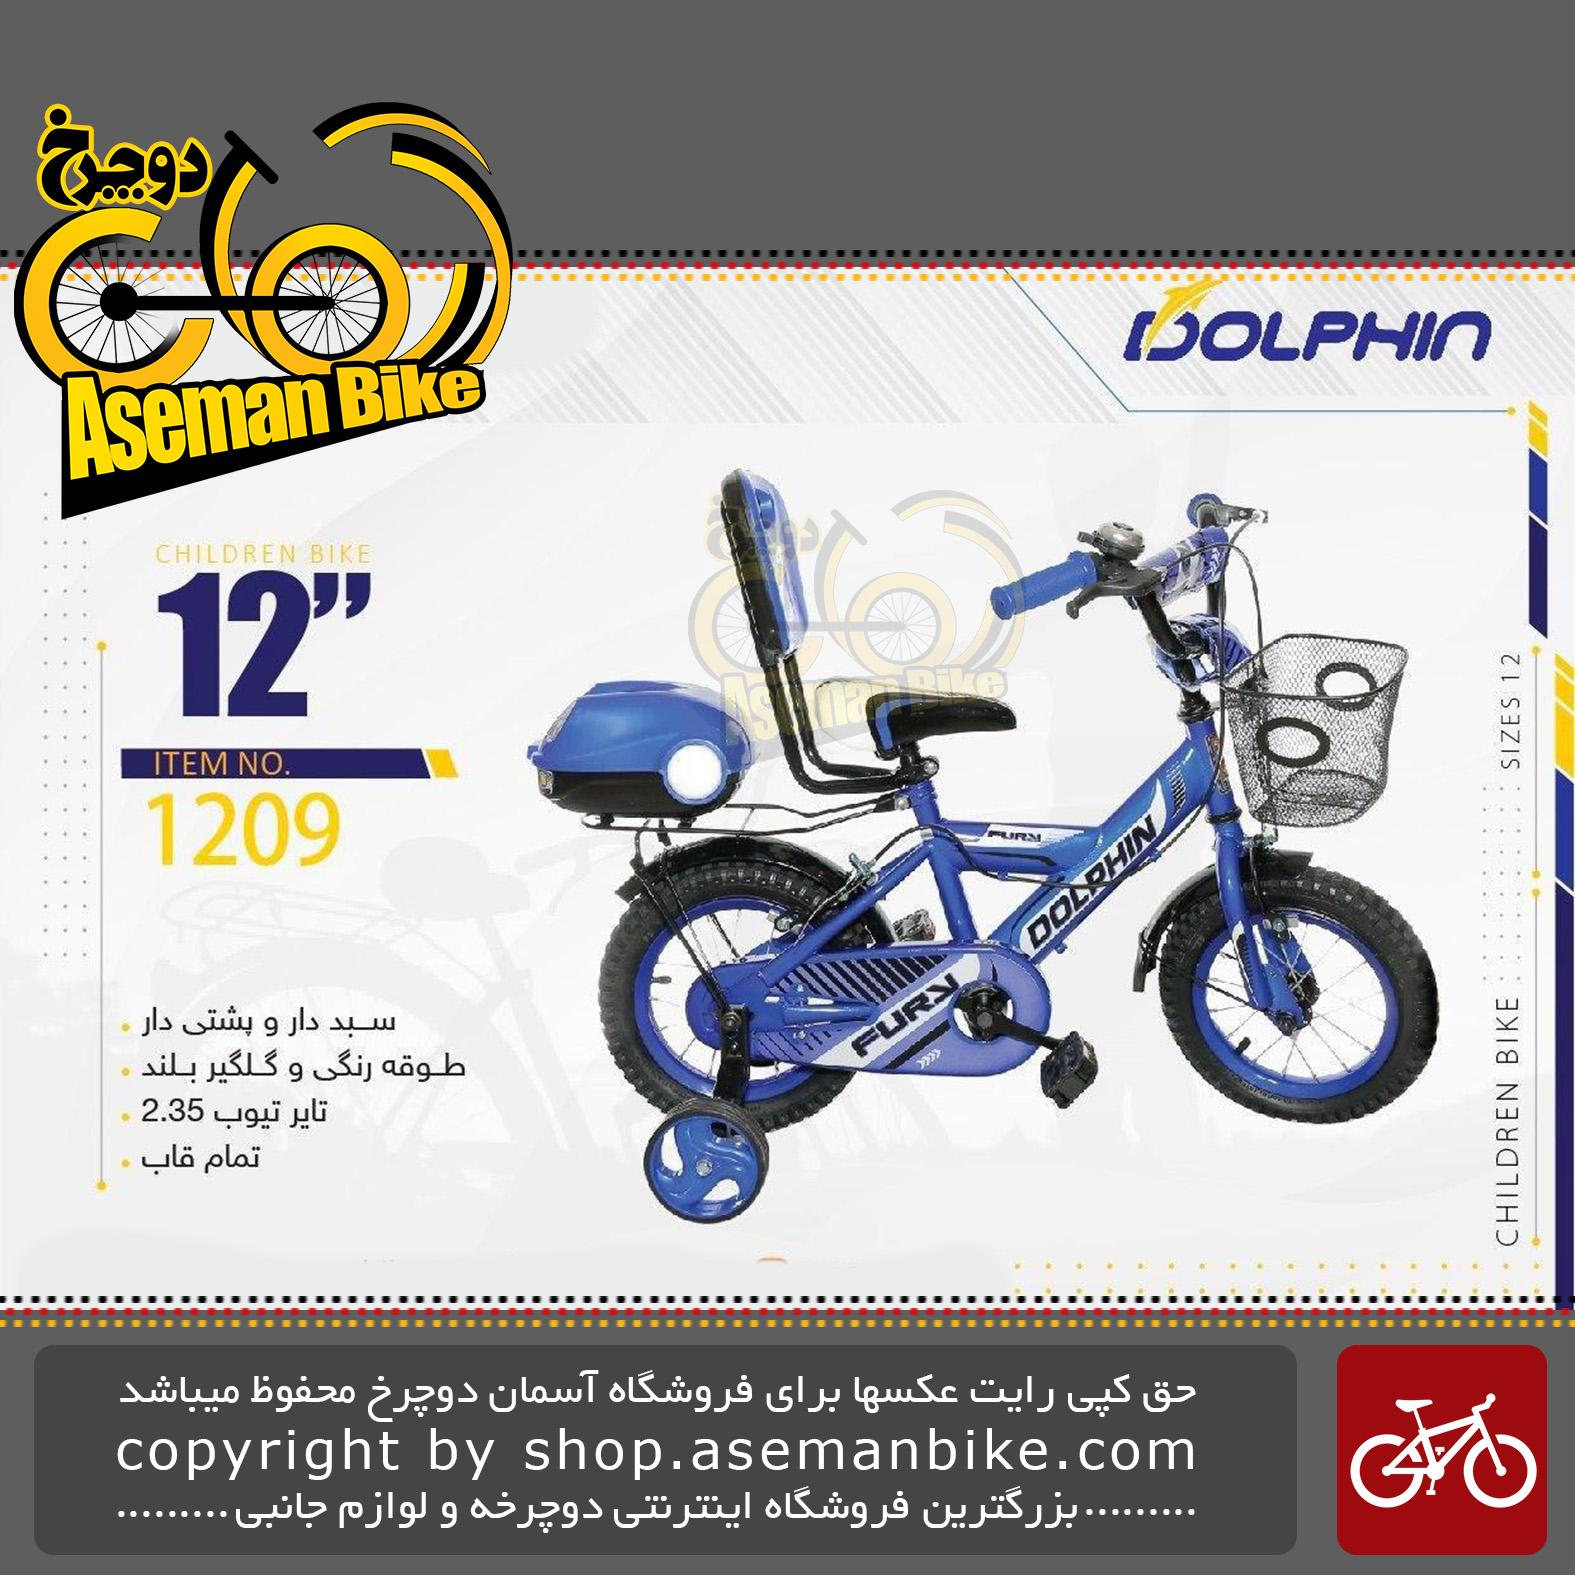 دوچرخه بچگانه دلفین سایز 12 پشتی دار صندوق دار سبد دار مدل 1209 DOLPHIN Bicycle Kids Size 12 Model 1209